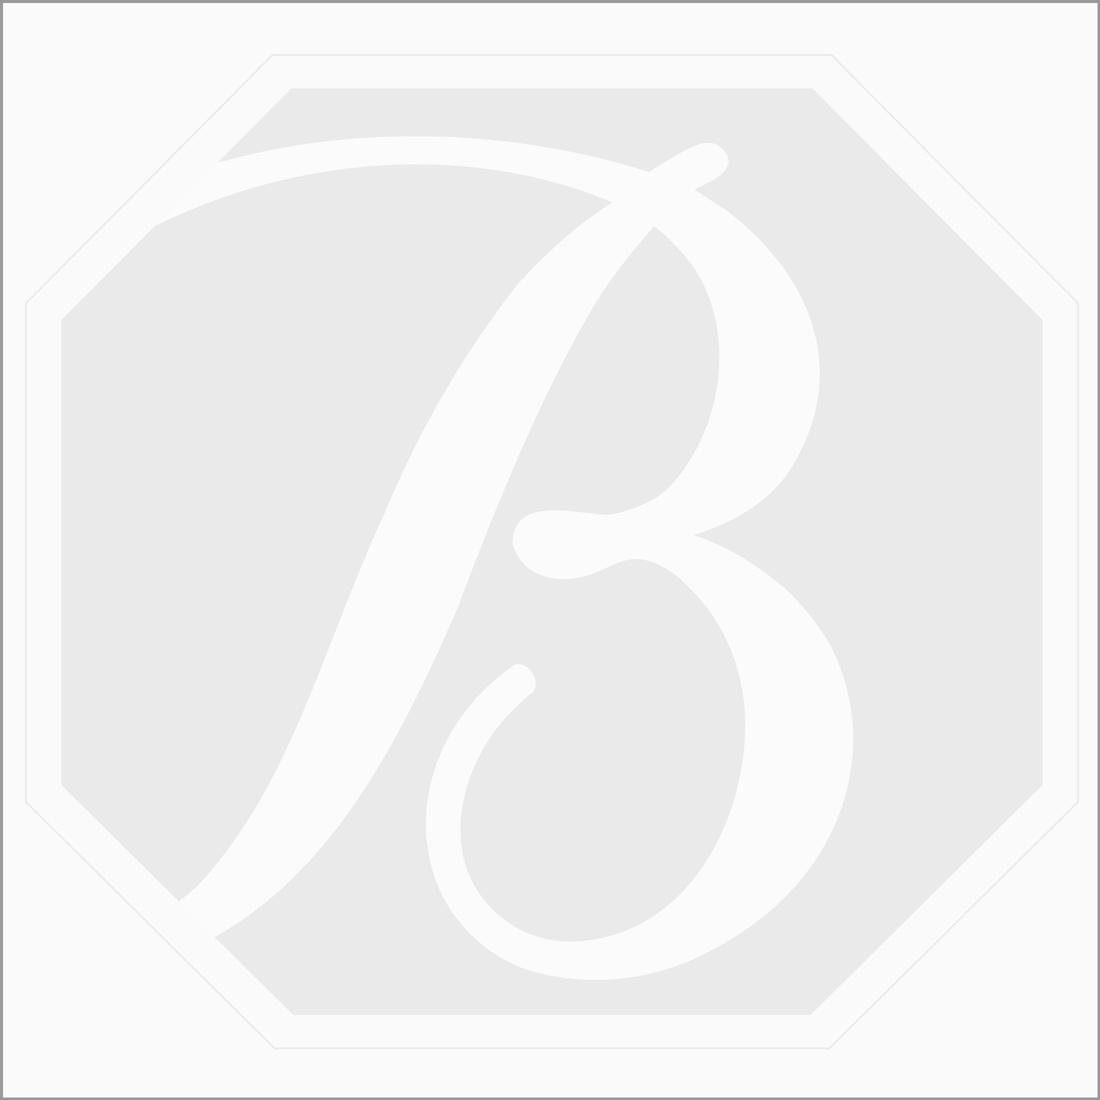 2 Pcs - Dark Yellow Tourmaline Rose Cuts - 7.36 ct. - 12.3 x 10 x 3.4 mm & 12.4 x 9.6 x 2.9 mm (TRC1003)